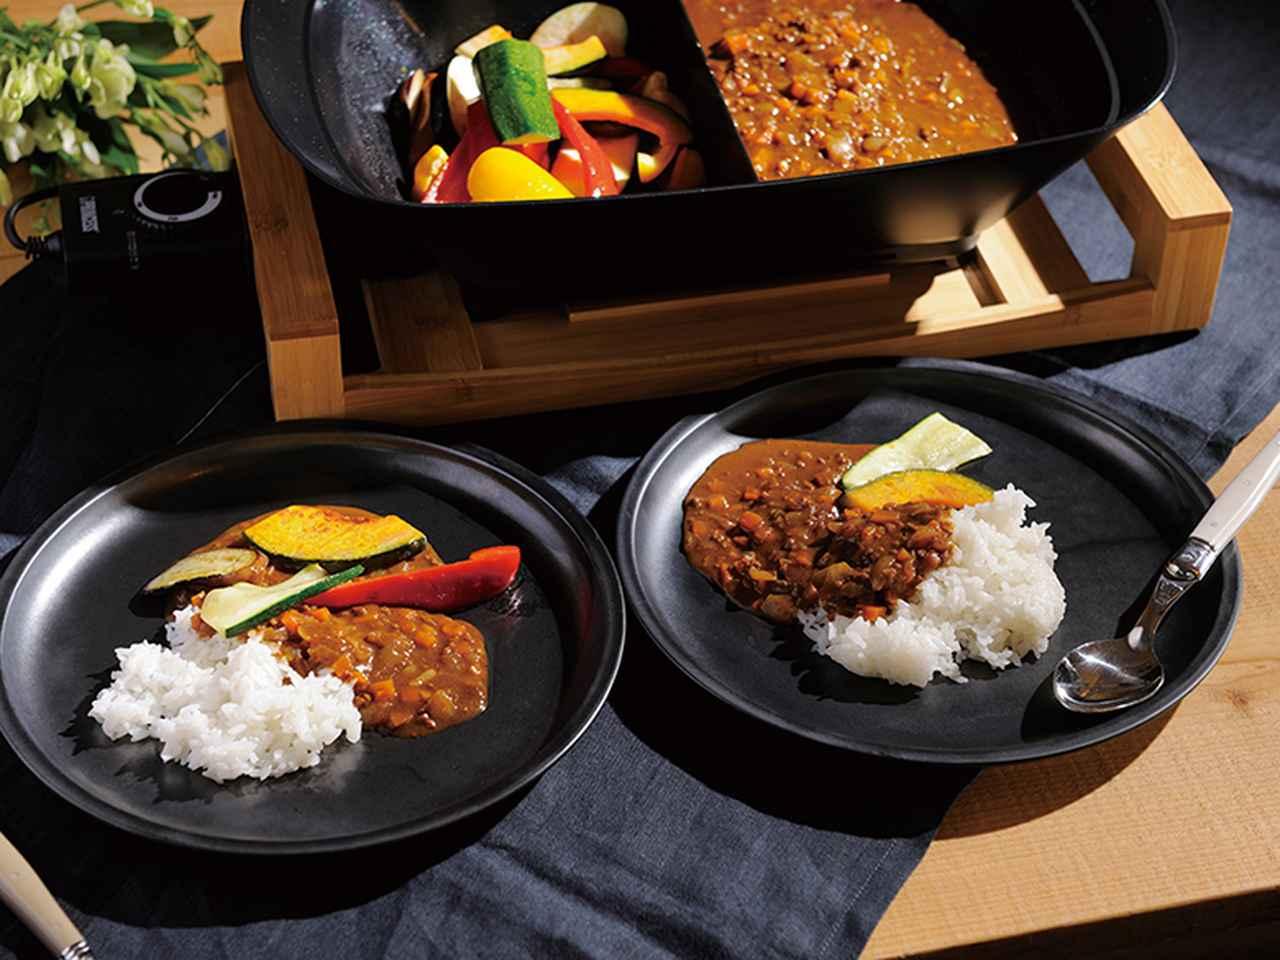 画像: 一方でカレーを作り、もう一方でトッピング用のグリル野菜を焼く、といった使い方が可能。